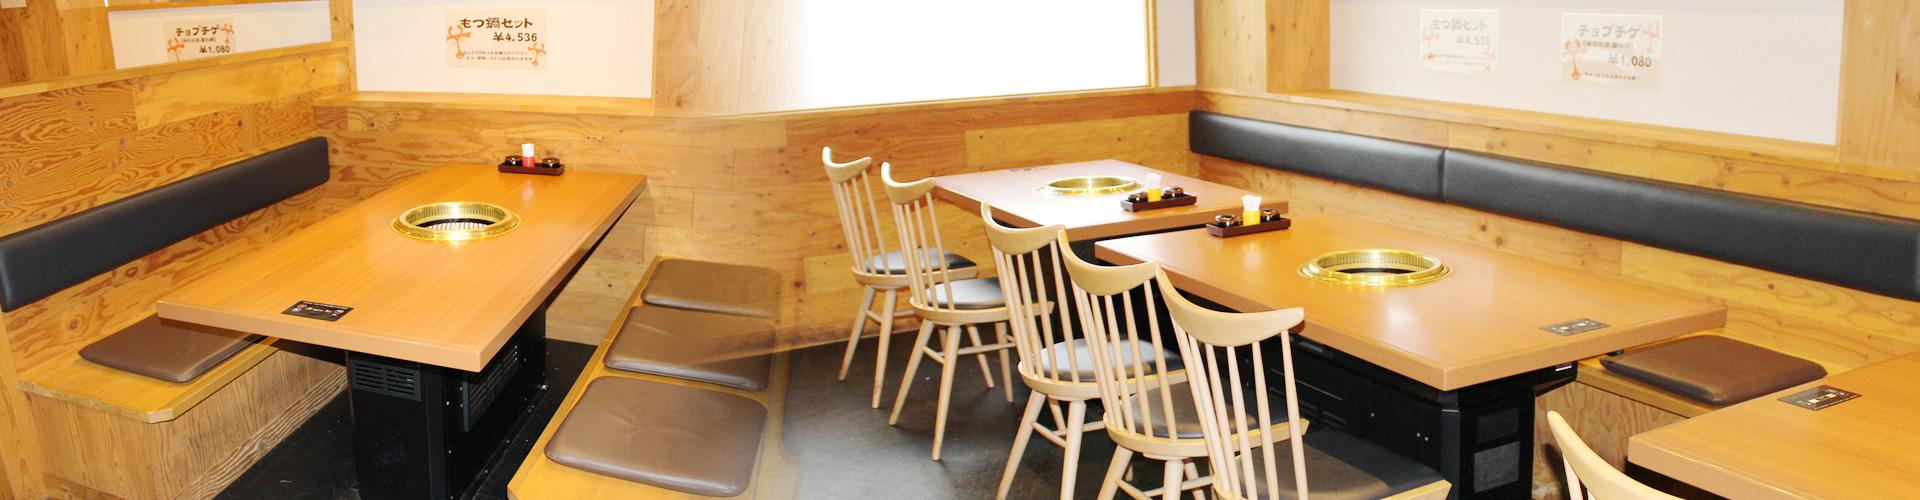 神戸市の焼肉牛苑 | 焼肉 ホルモン ミノ刺し 宴会 ランチ